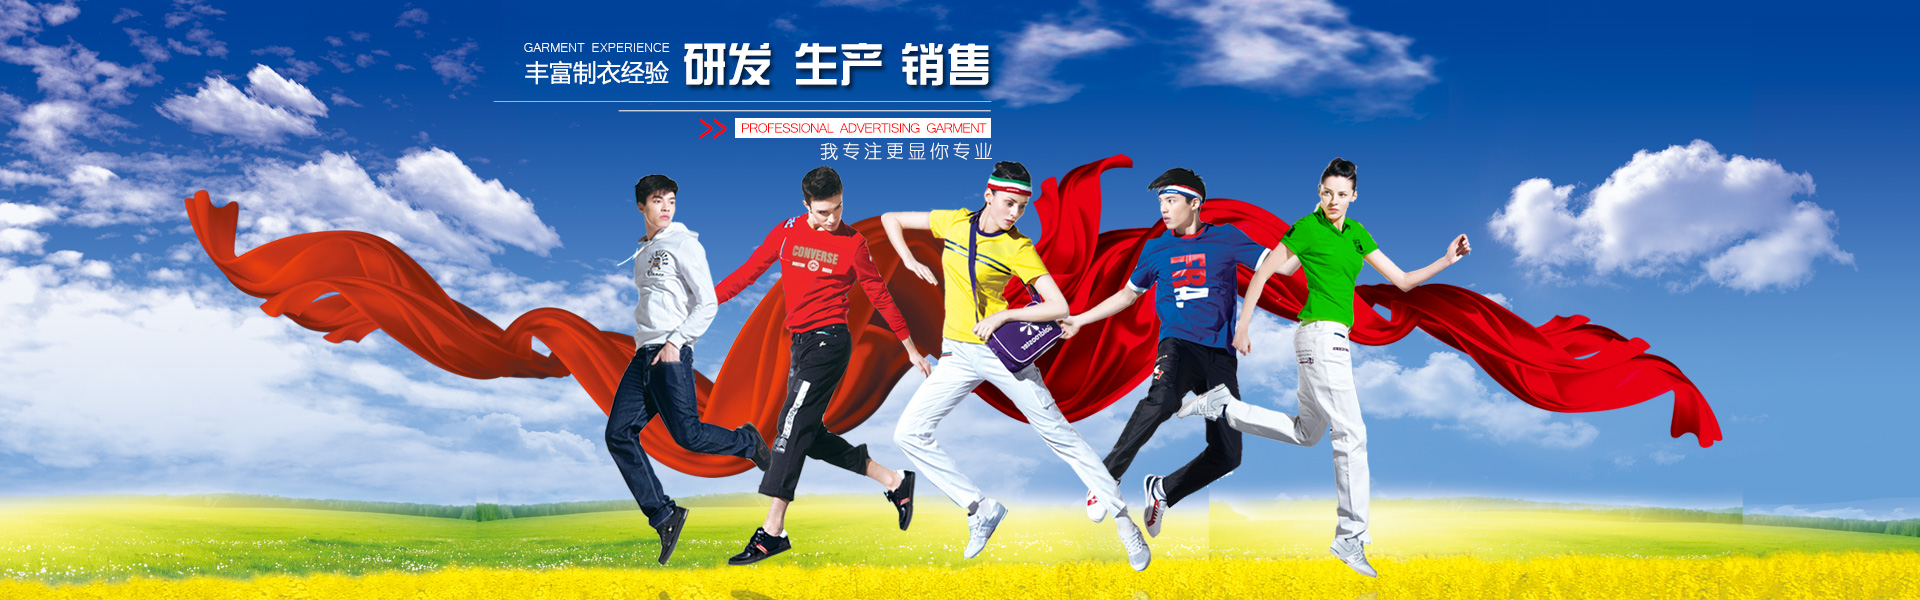 柳州广告服定制,南宁工作服批发,南宁保安服